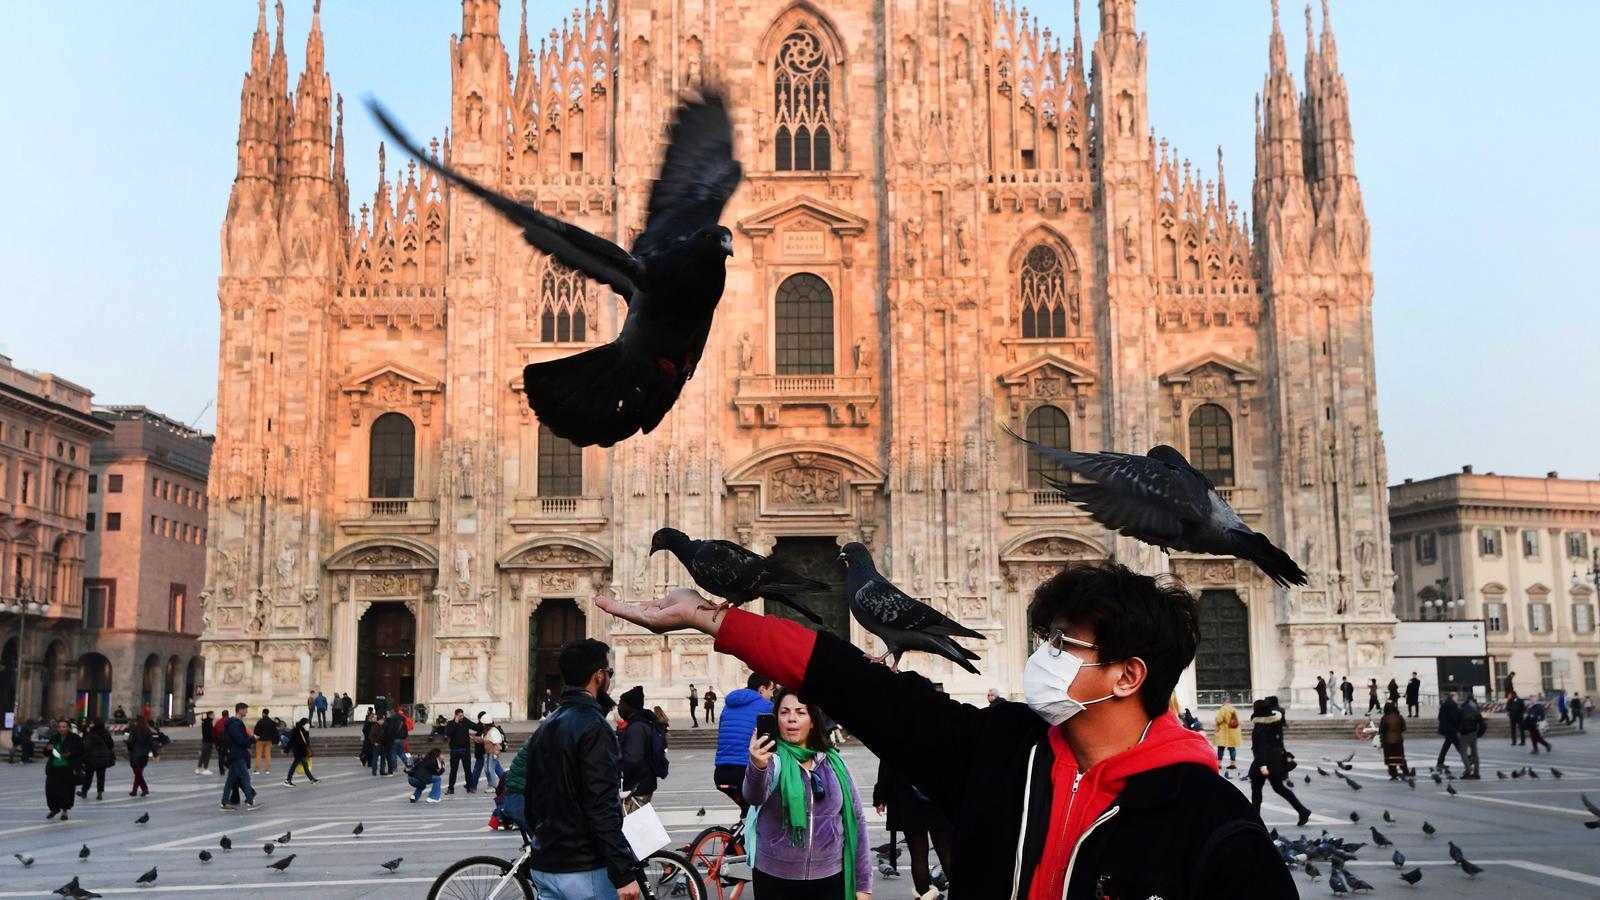 Piazza del Duomo del centre de Milà, Itàlia